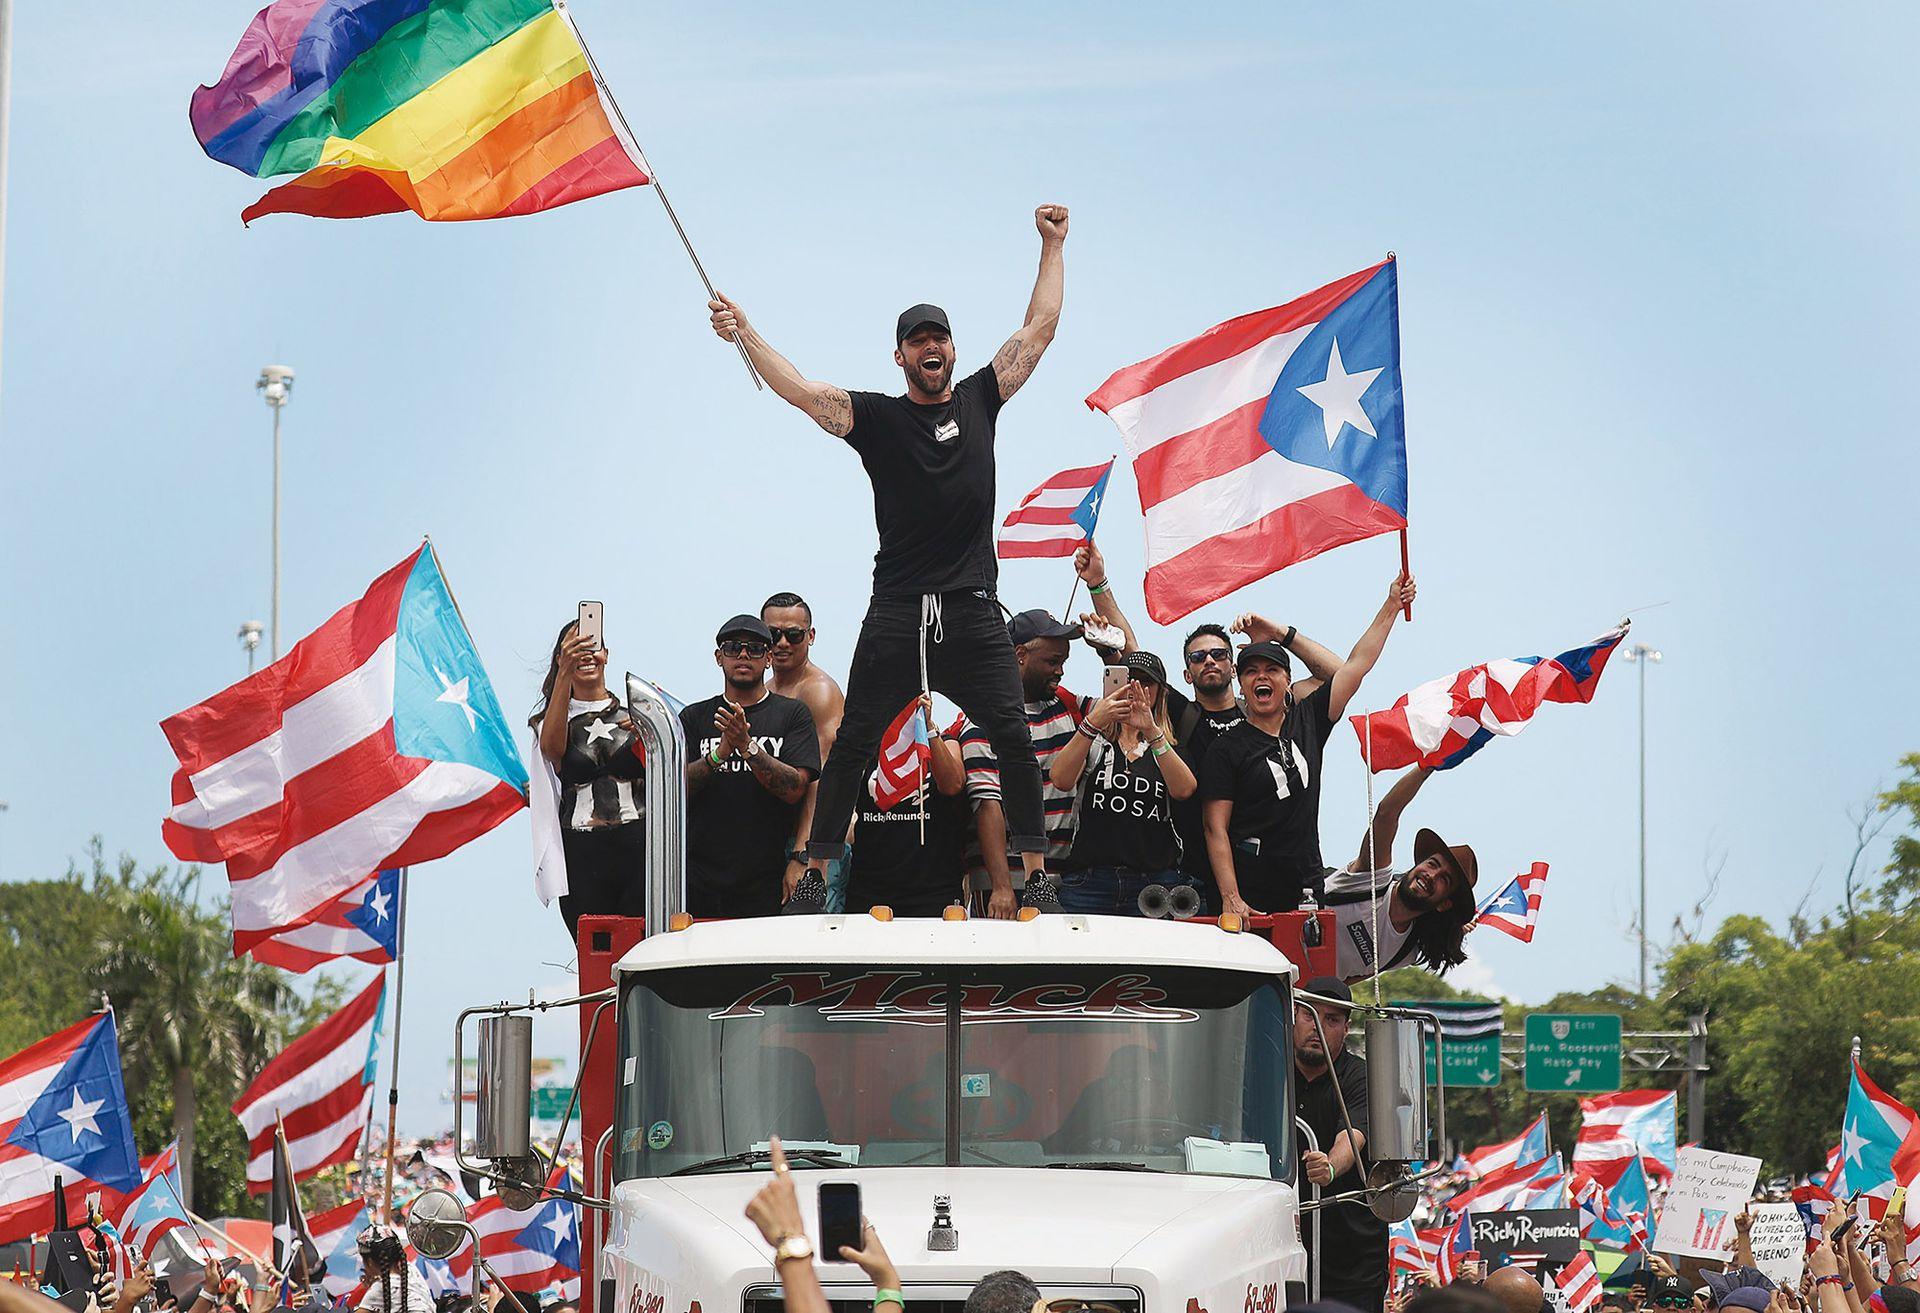 En julio 2019, con la bandera del orgullo gay y la de Puerto Rico, el cantante encabezó la concentración para exigir la renuncia del gobernador Rosselló